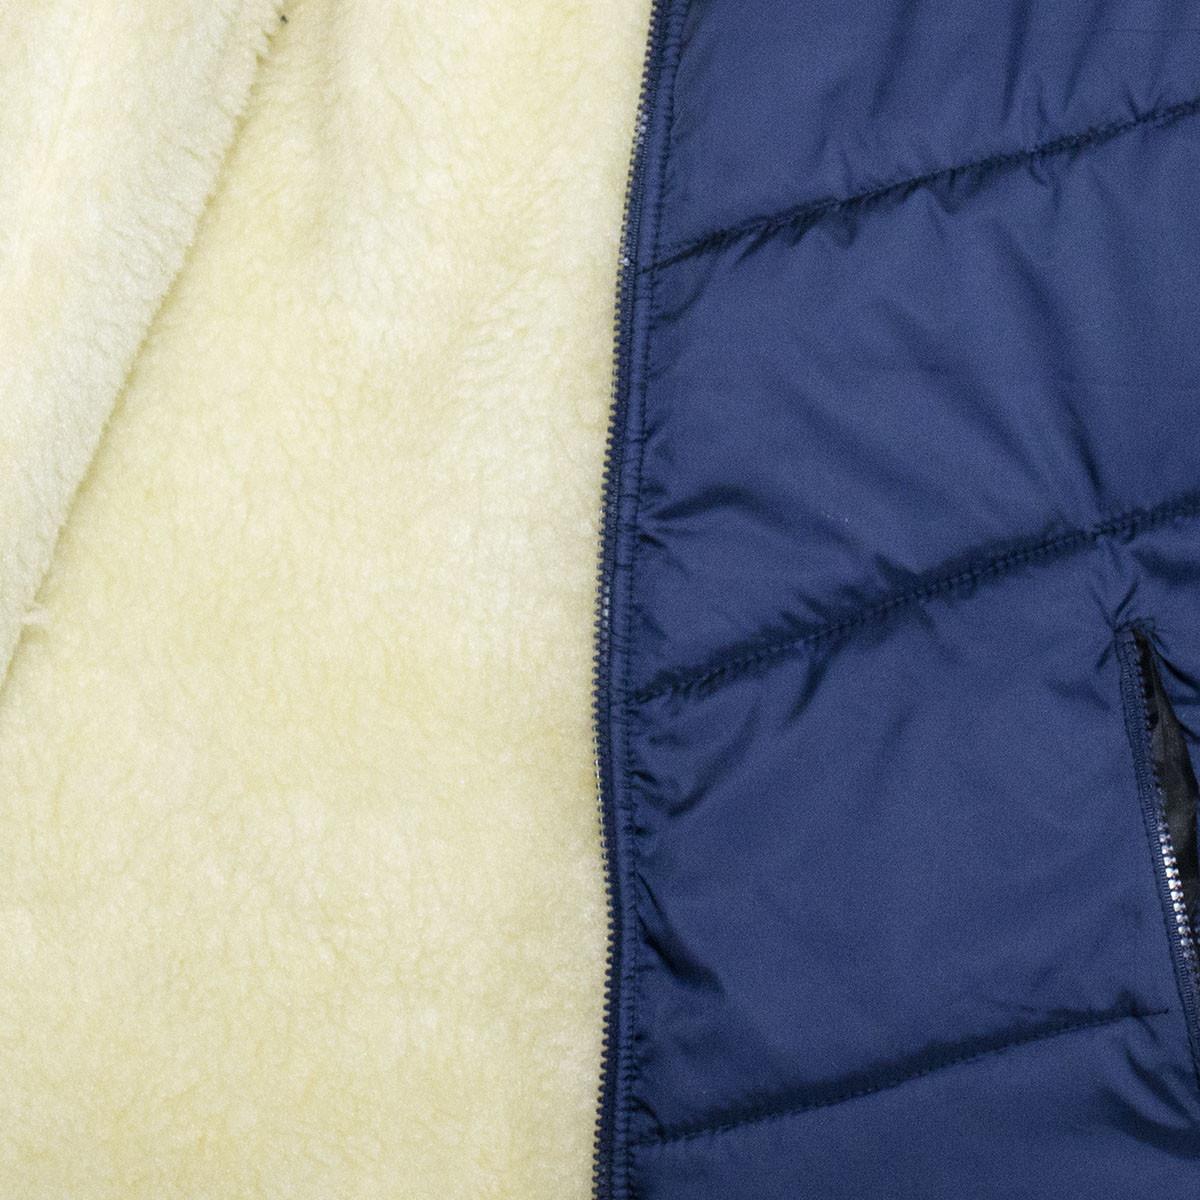 eefe72d5f42fd Зимние мужские куртки на овчине фабричный пошив пр-во Украина E1832H , цена  644 грн., купить в Одессе — Prom.ua (ID#826124722)